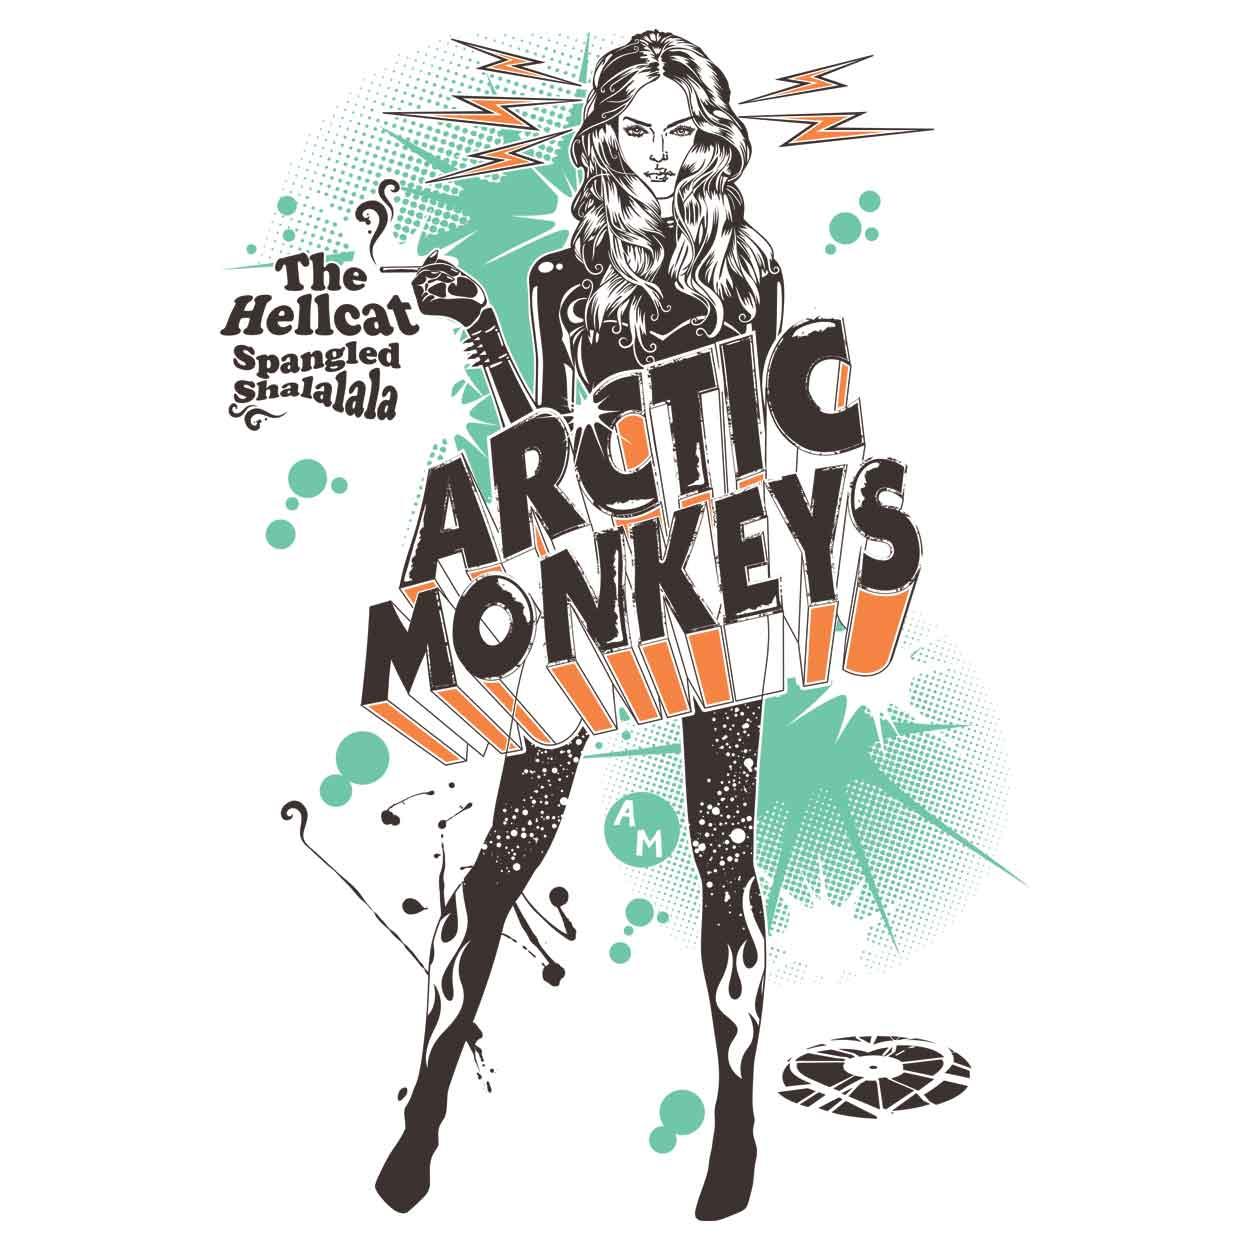 Camiseta - The Hellcat Spangled  - Arctic Monkeys - Feminino